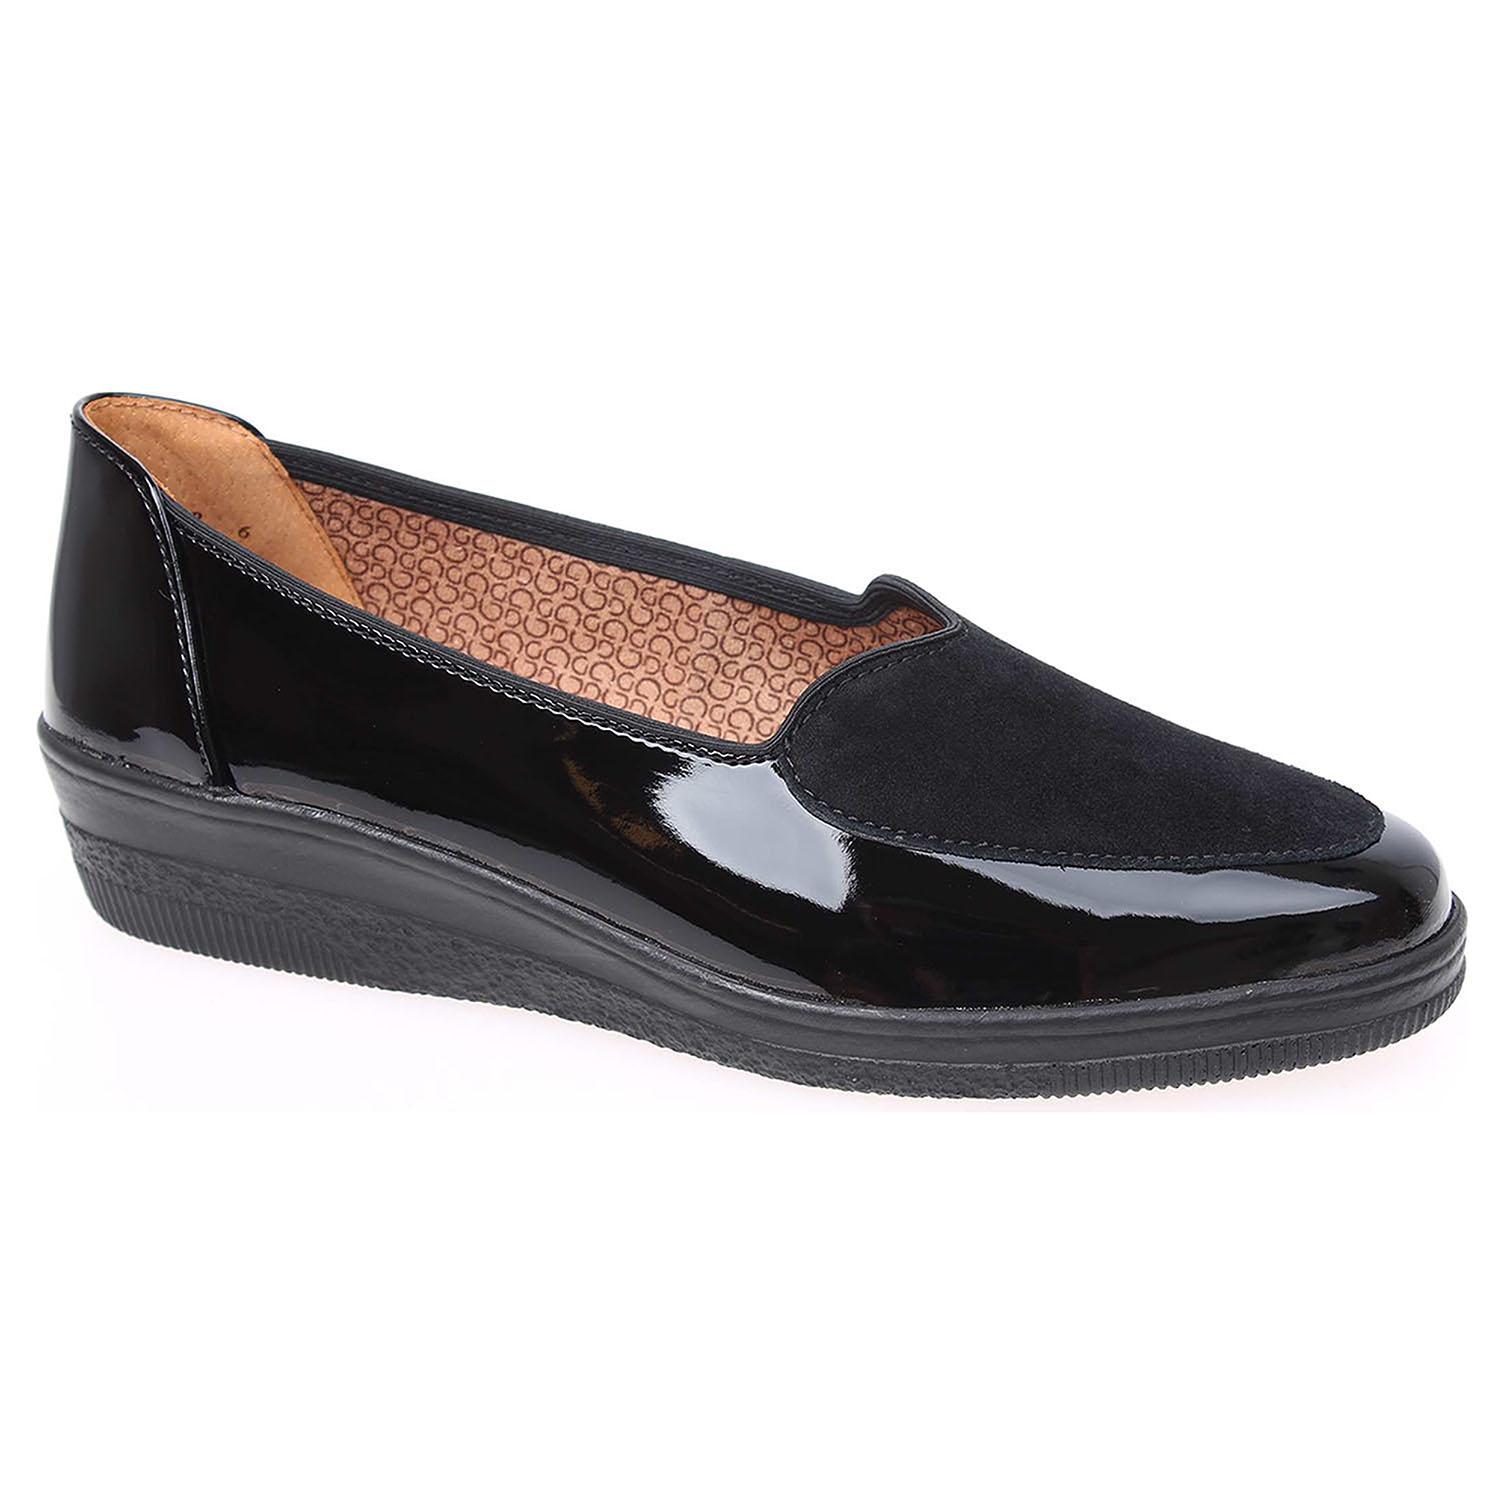 13ffcba35 Dámske mokasiny Gabor 76.404.97 černé | REJNOK obuv